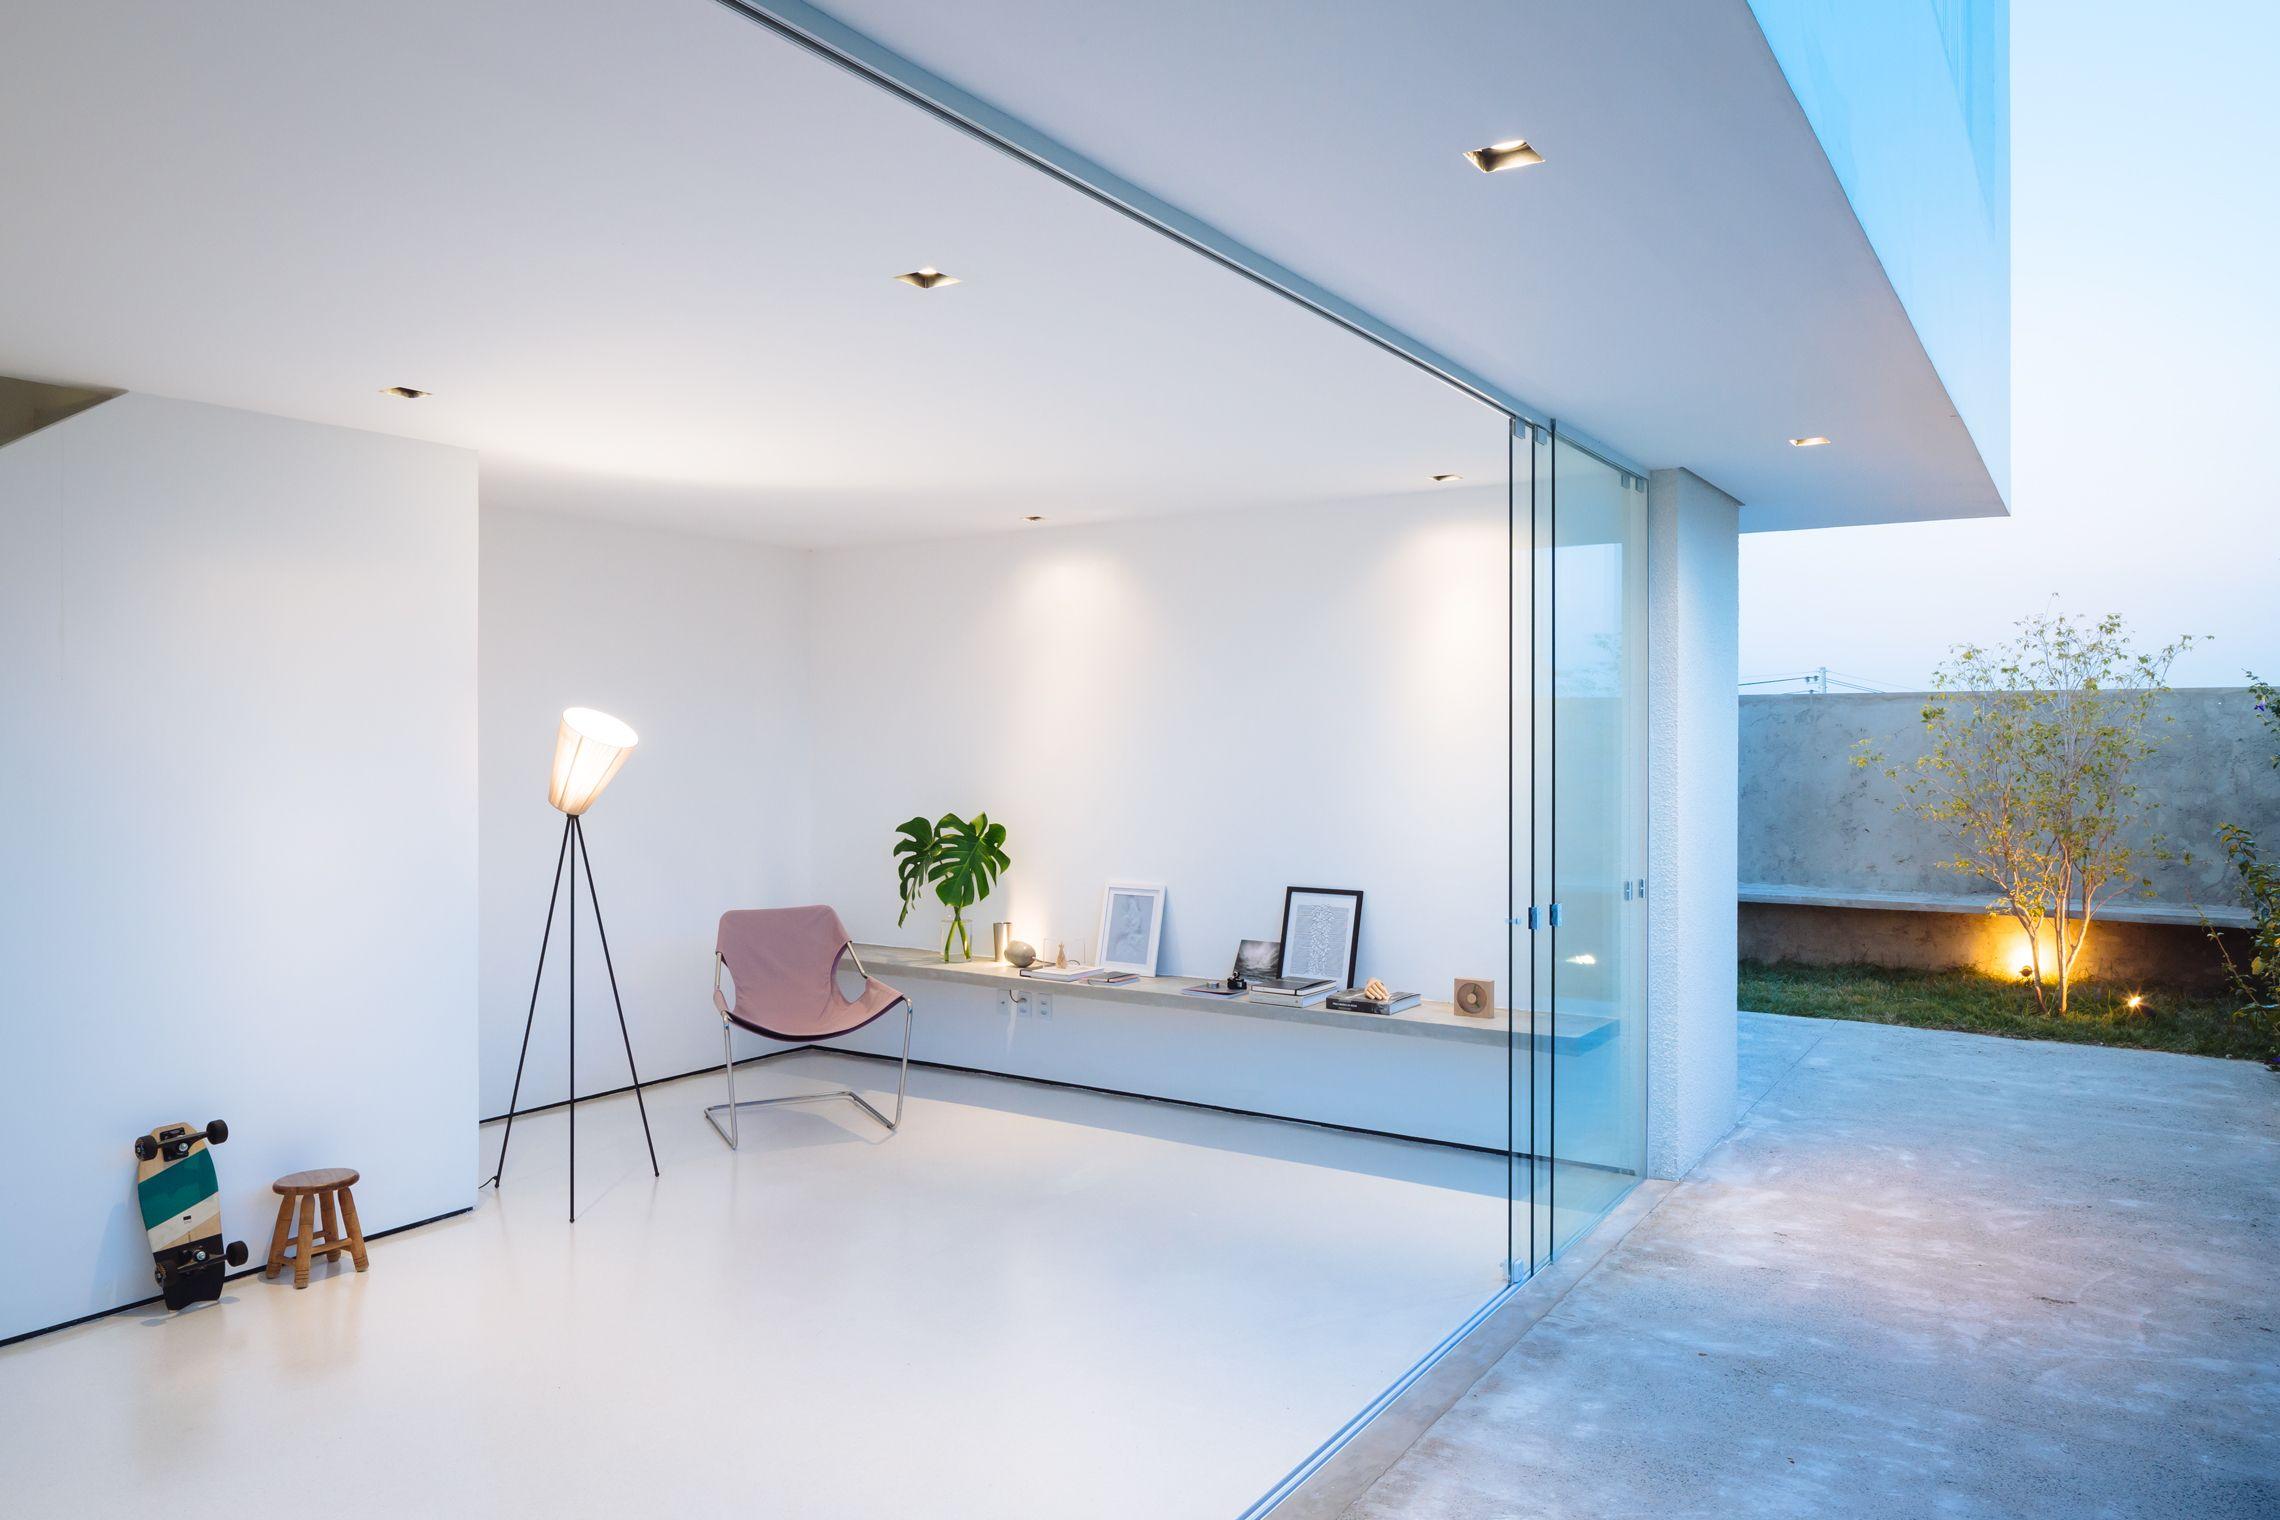 Sencilla casa de dos pisos construida en terreno peque o for Diseno de interiores de casas planos